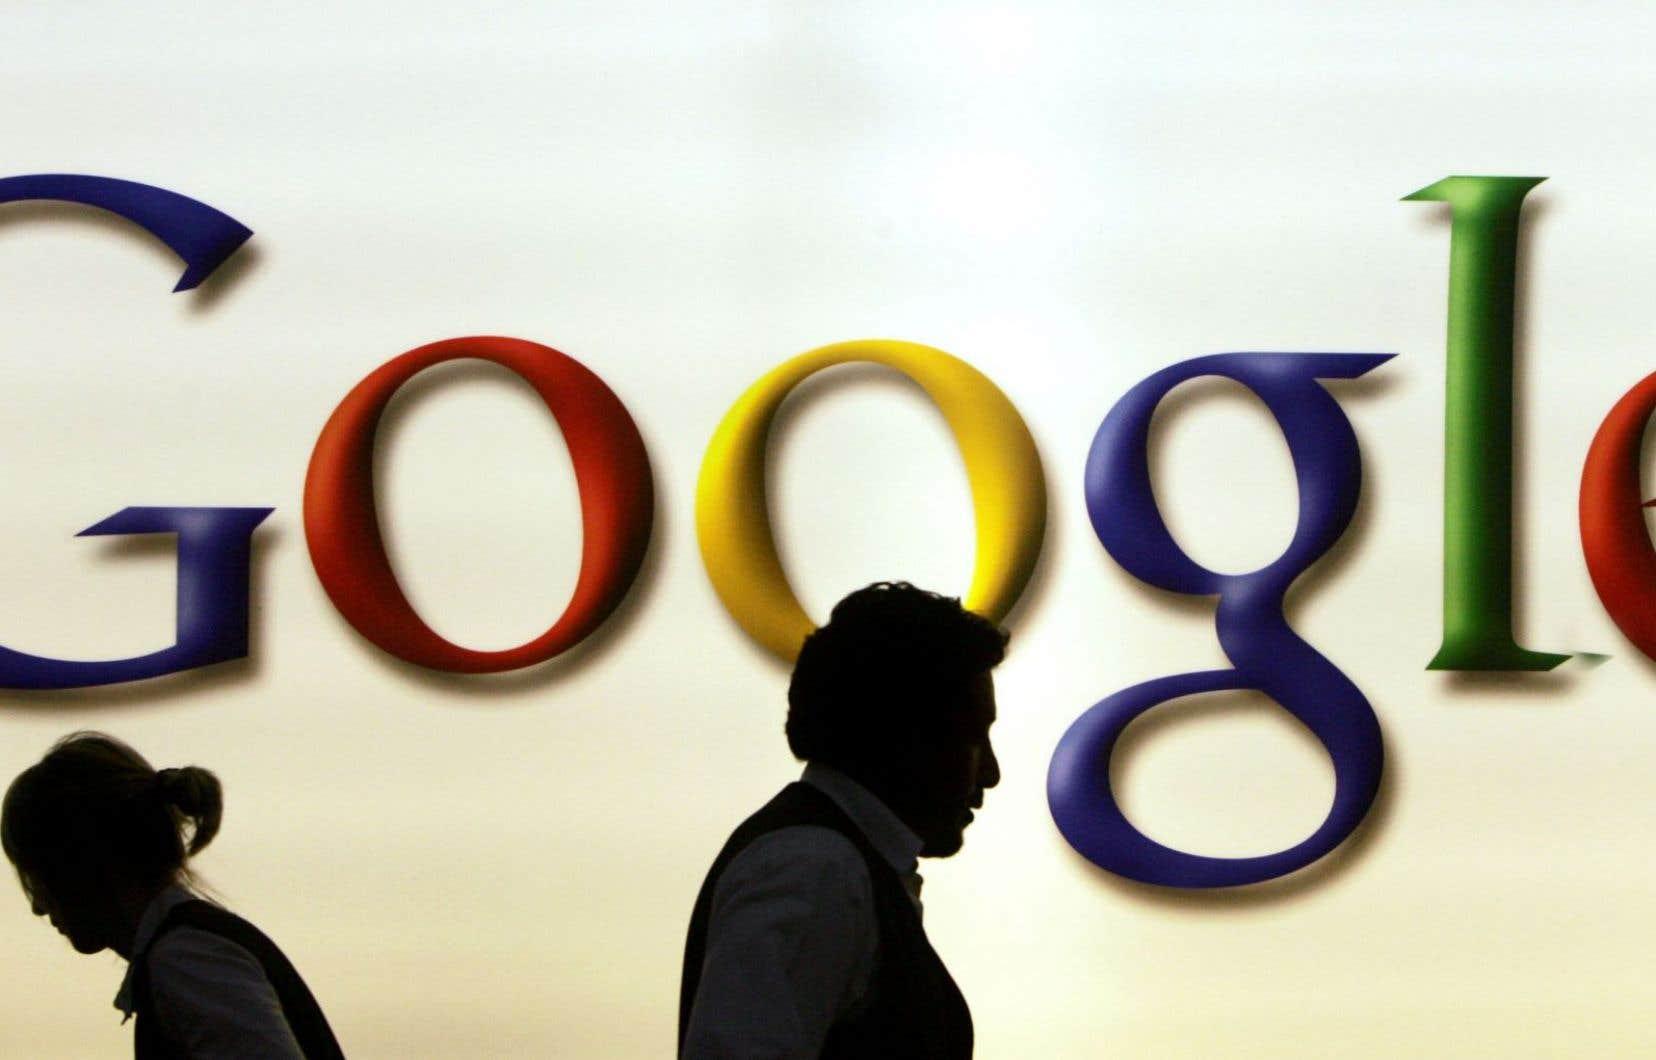 Google est suspecté, à l'instar d'autres grands groupes numériques, d'utiliser son activité dématérialisée pour payer peu d'impôts là où la fiscalité est plus lourde.